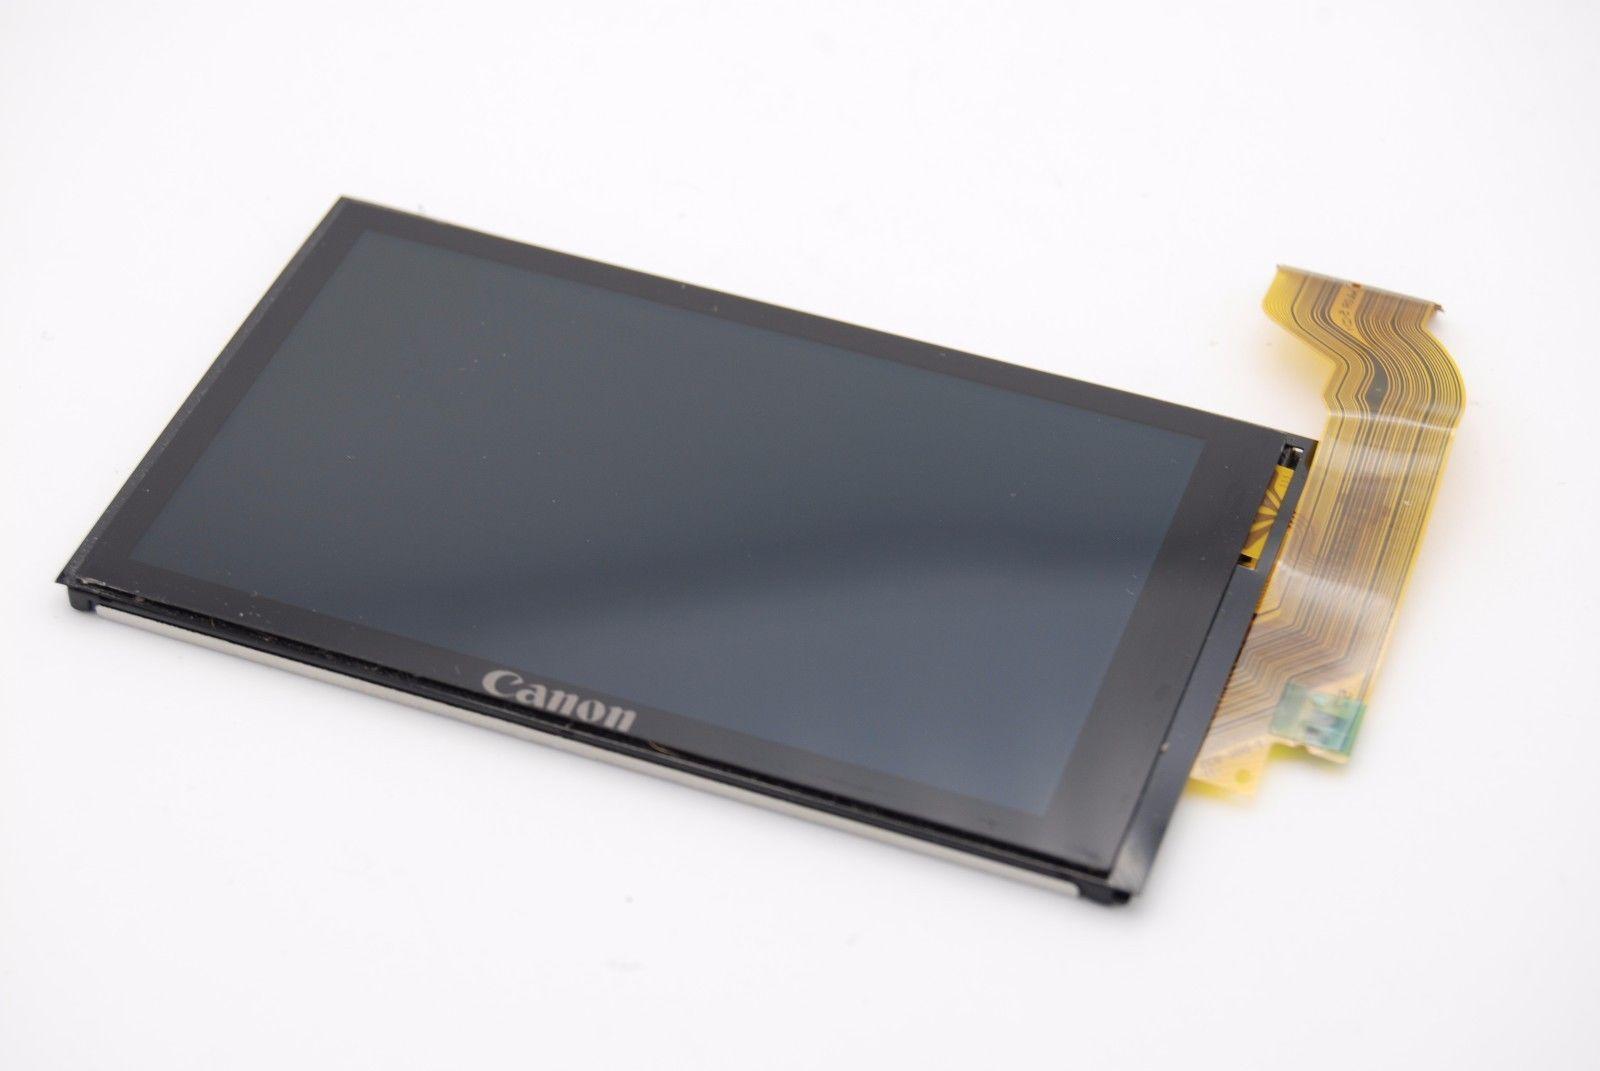 Canon Powershot ELPH510 HS / IXUS1100 HS LCD Display Screen Repair Part  EH3388 - $119.98